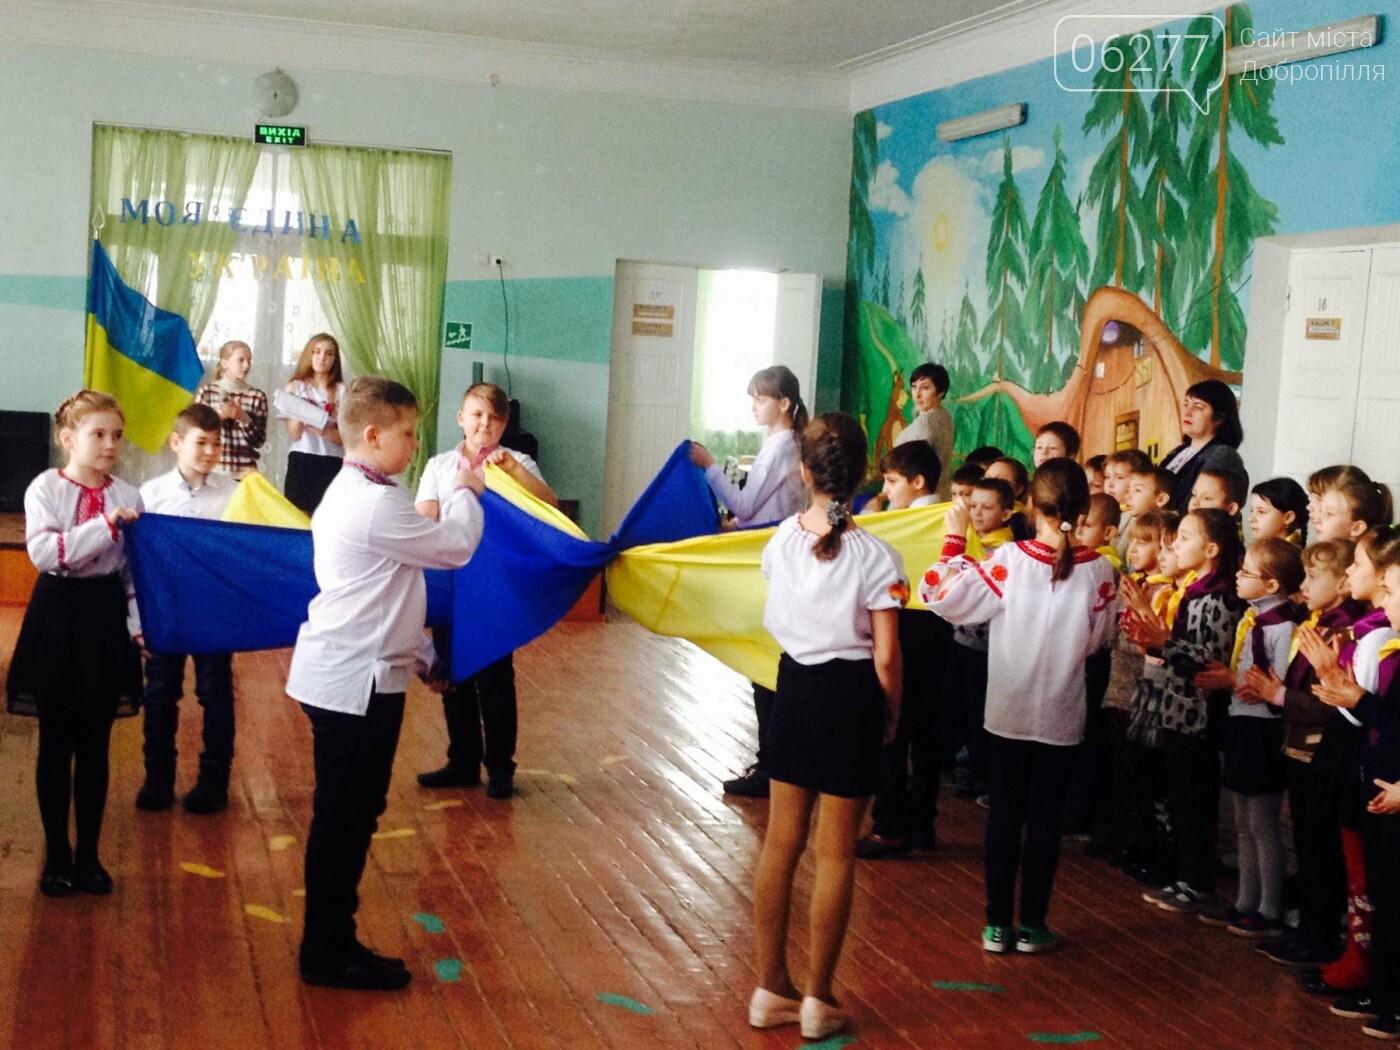 Як минув День Соборності України в освітніх закладах Добропілля, фото-2